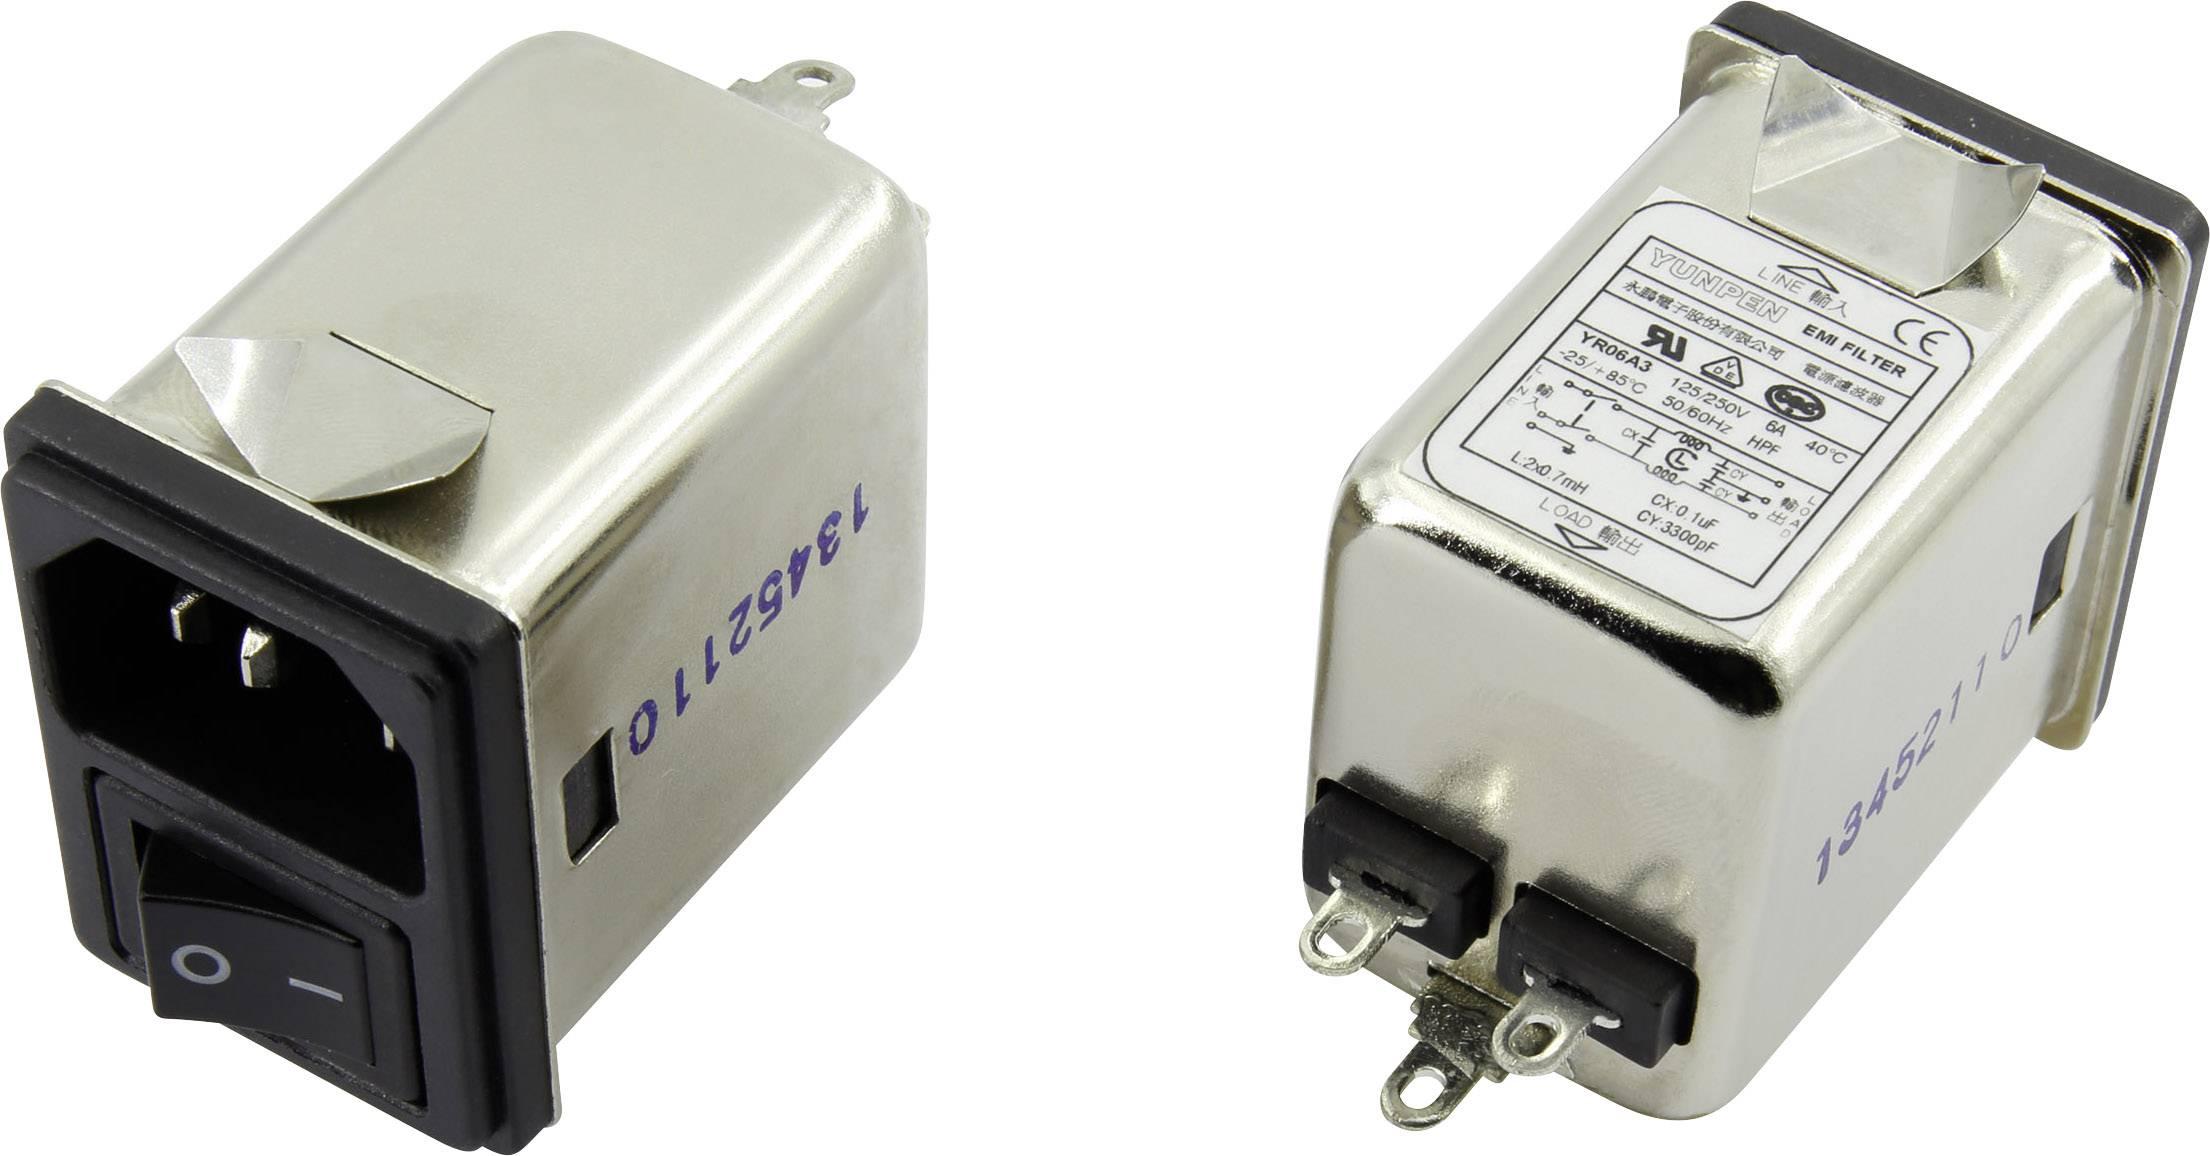 Odrušovací filtr Yunpen YR06A3, se spínačem, s IEC zásuvkou 250 V/AC, 6 A, 0.7 mH, (d x š x v) 41.1 x 31.6 x 56 mm, 1 ks